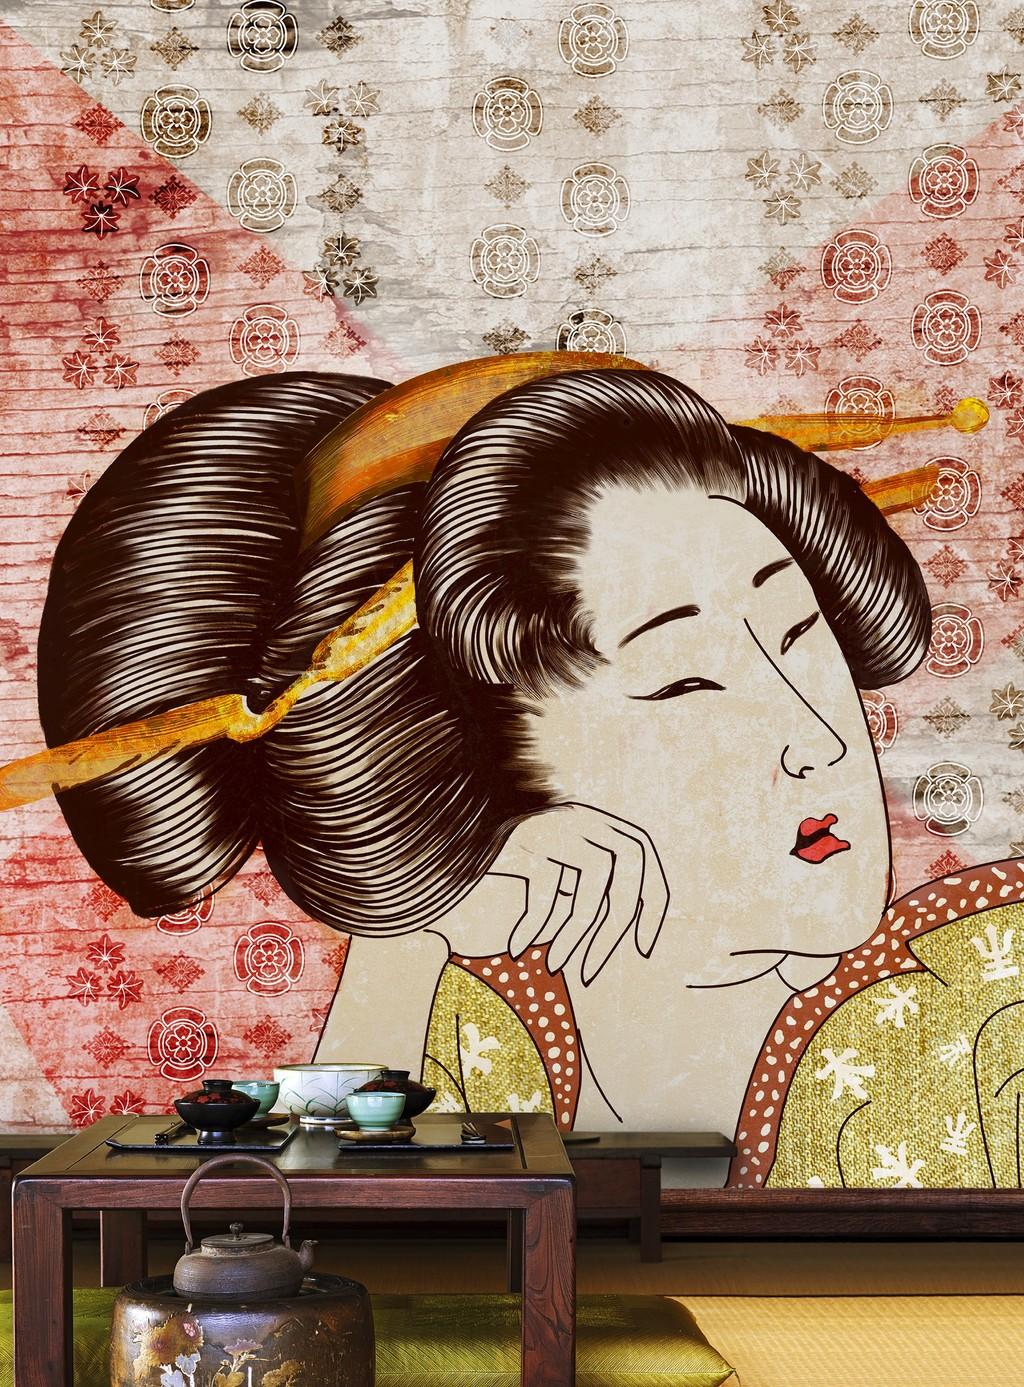 11 diseños de papel pintado inspirados en el lejano oriente, que aportan personalidad a las paredes